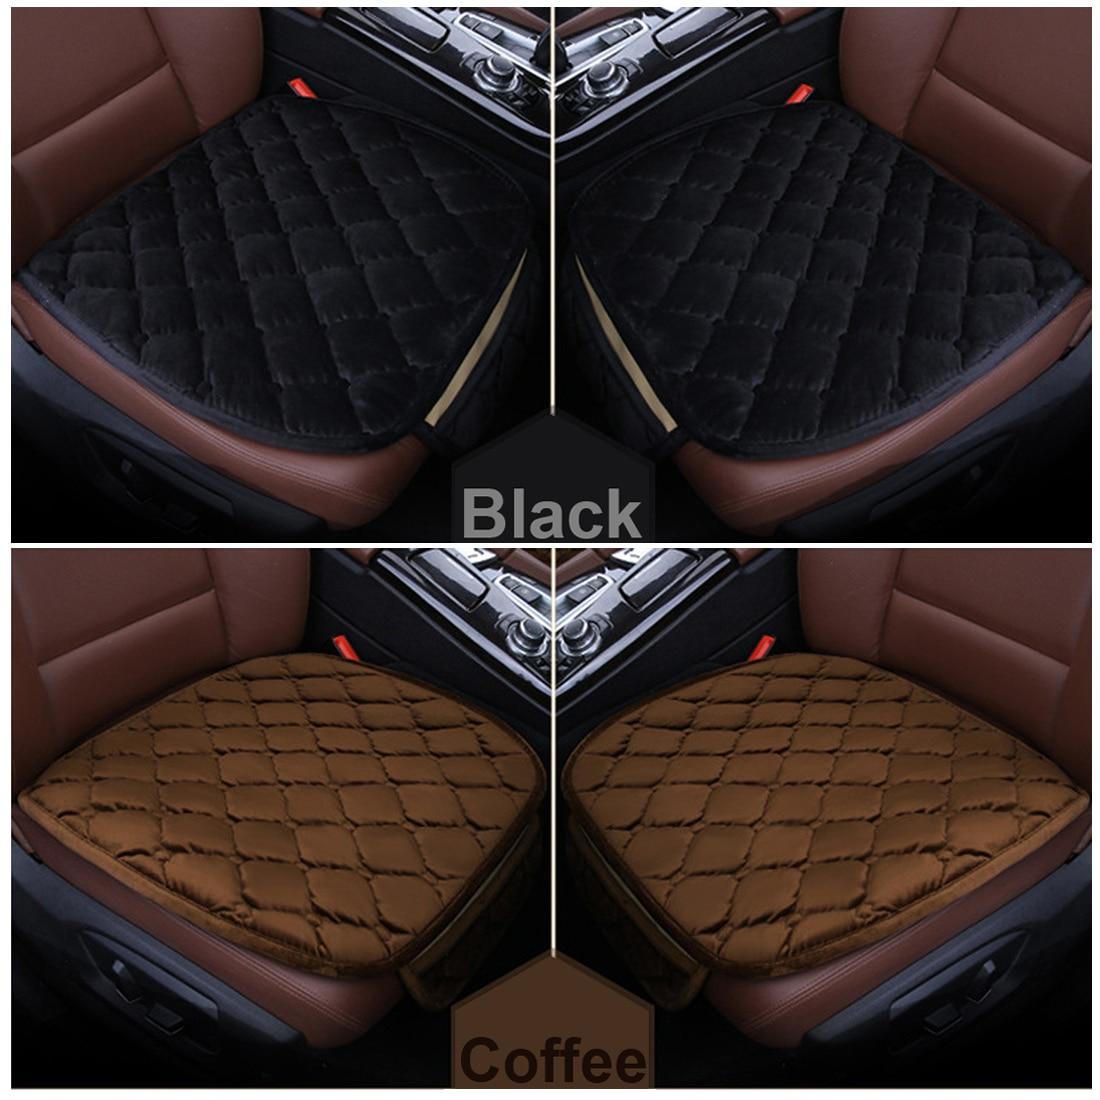 Dewtreetali 1 шт. бархат автомобиль переднего сиденья стул площадку дышащие зимние Подушки зима Автокресло протектор сиденье водителя